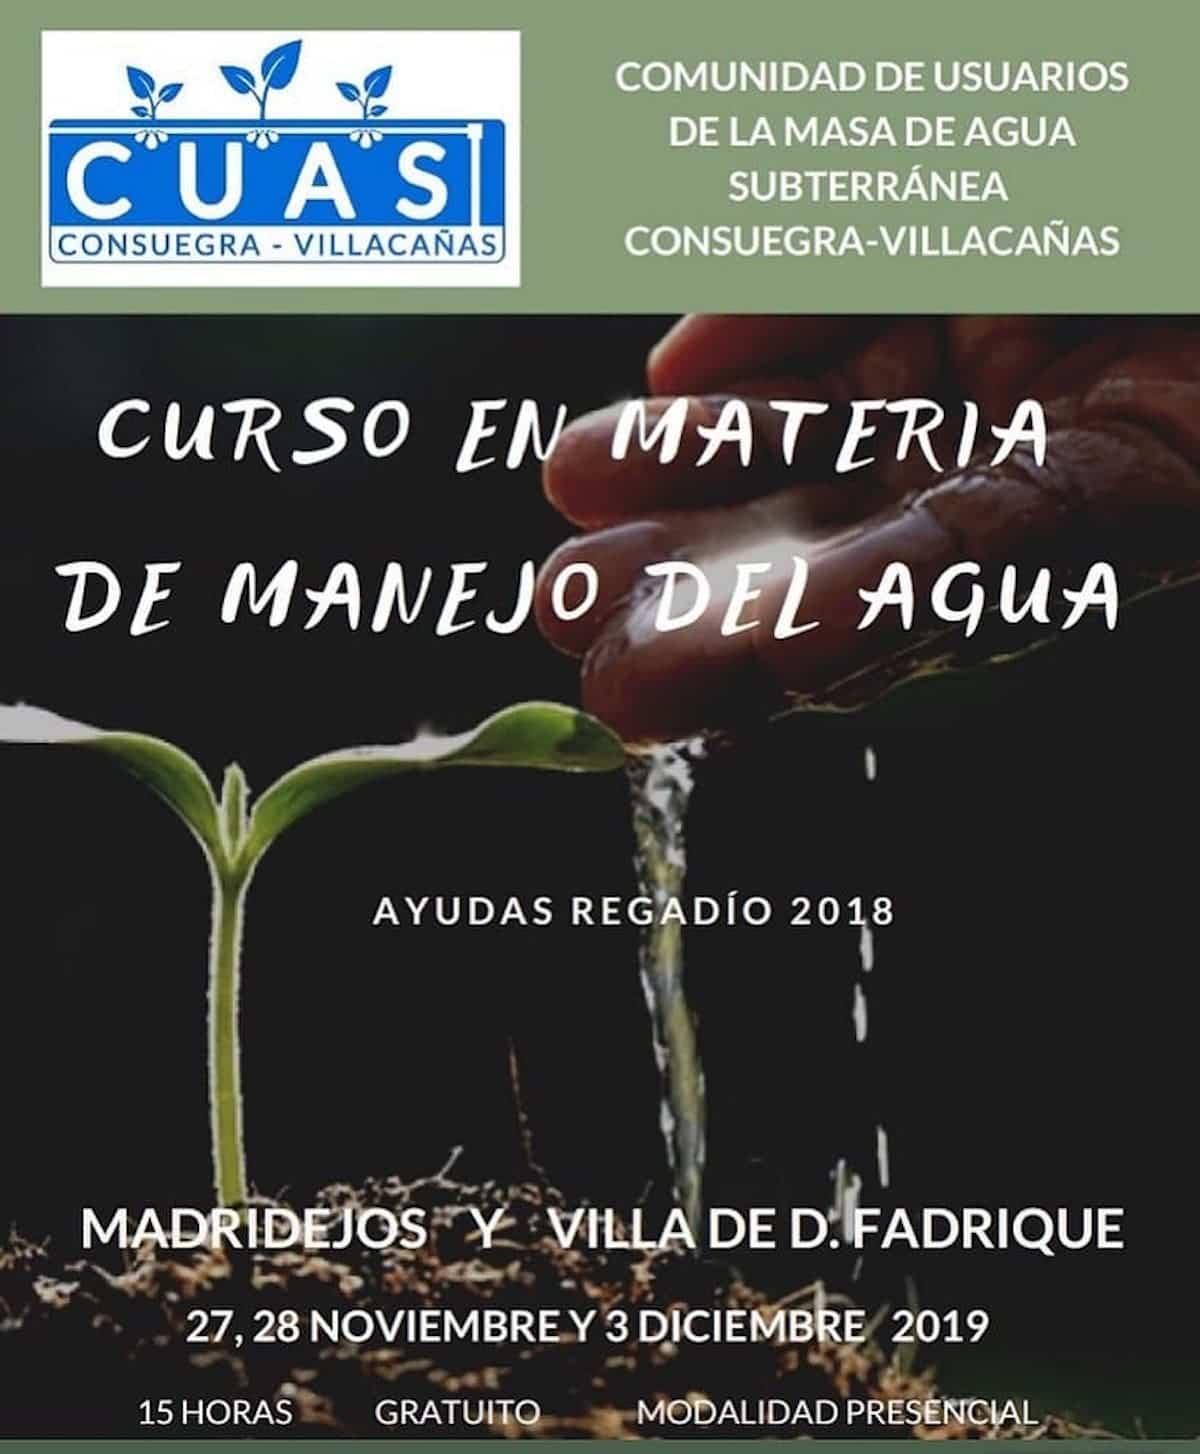 CUAS organiza un curso en Materia de Manejo del Agua 3